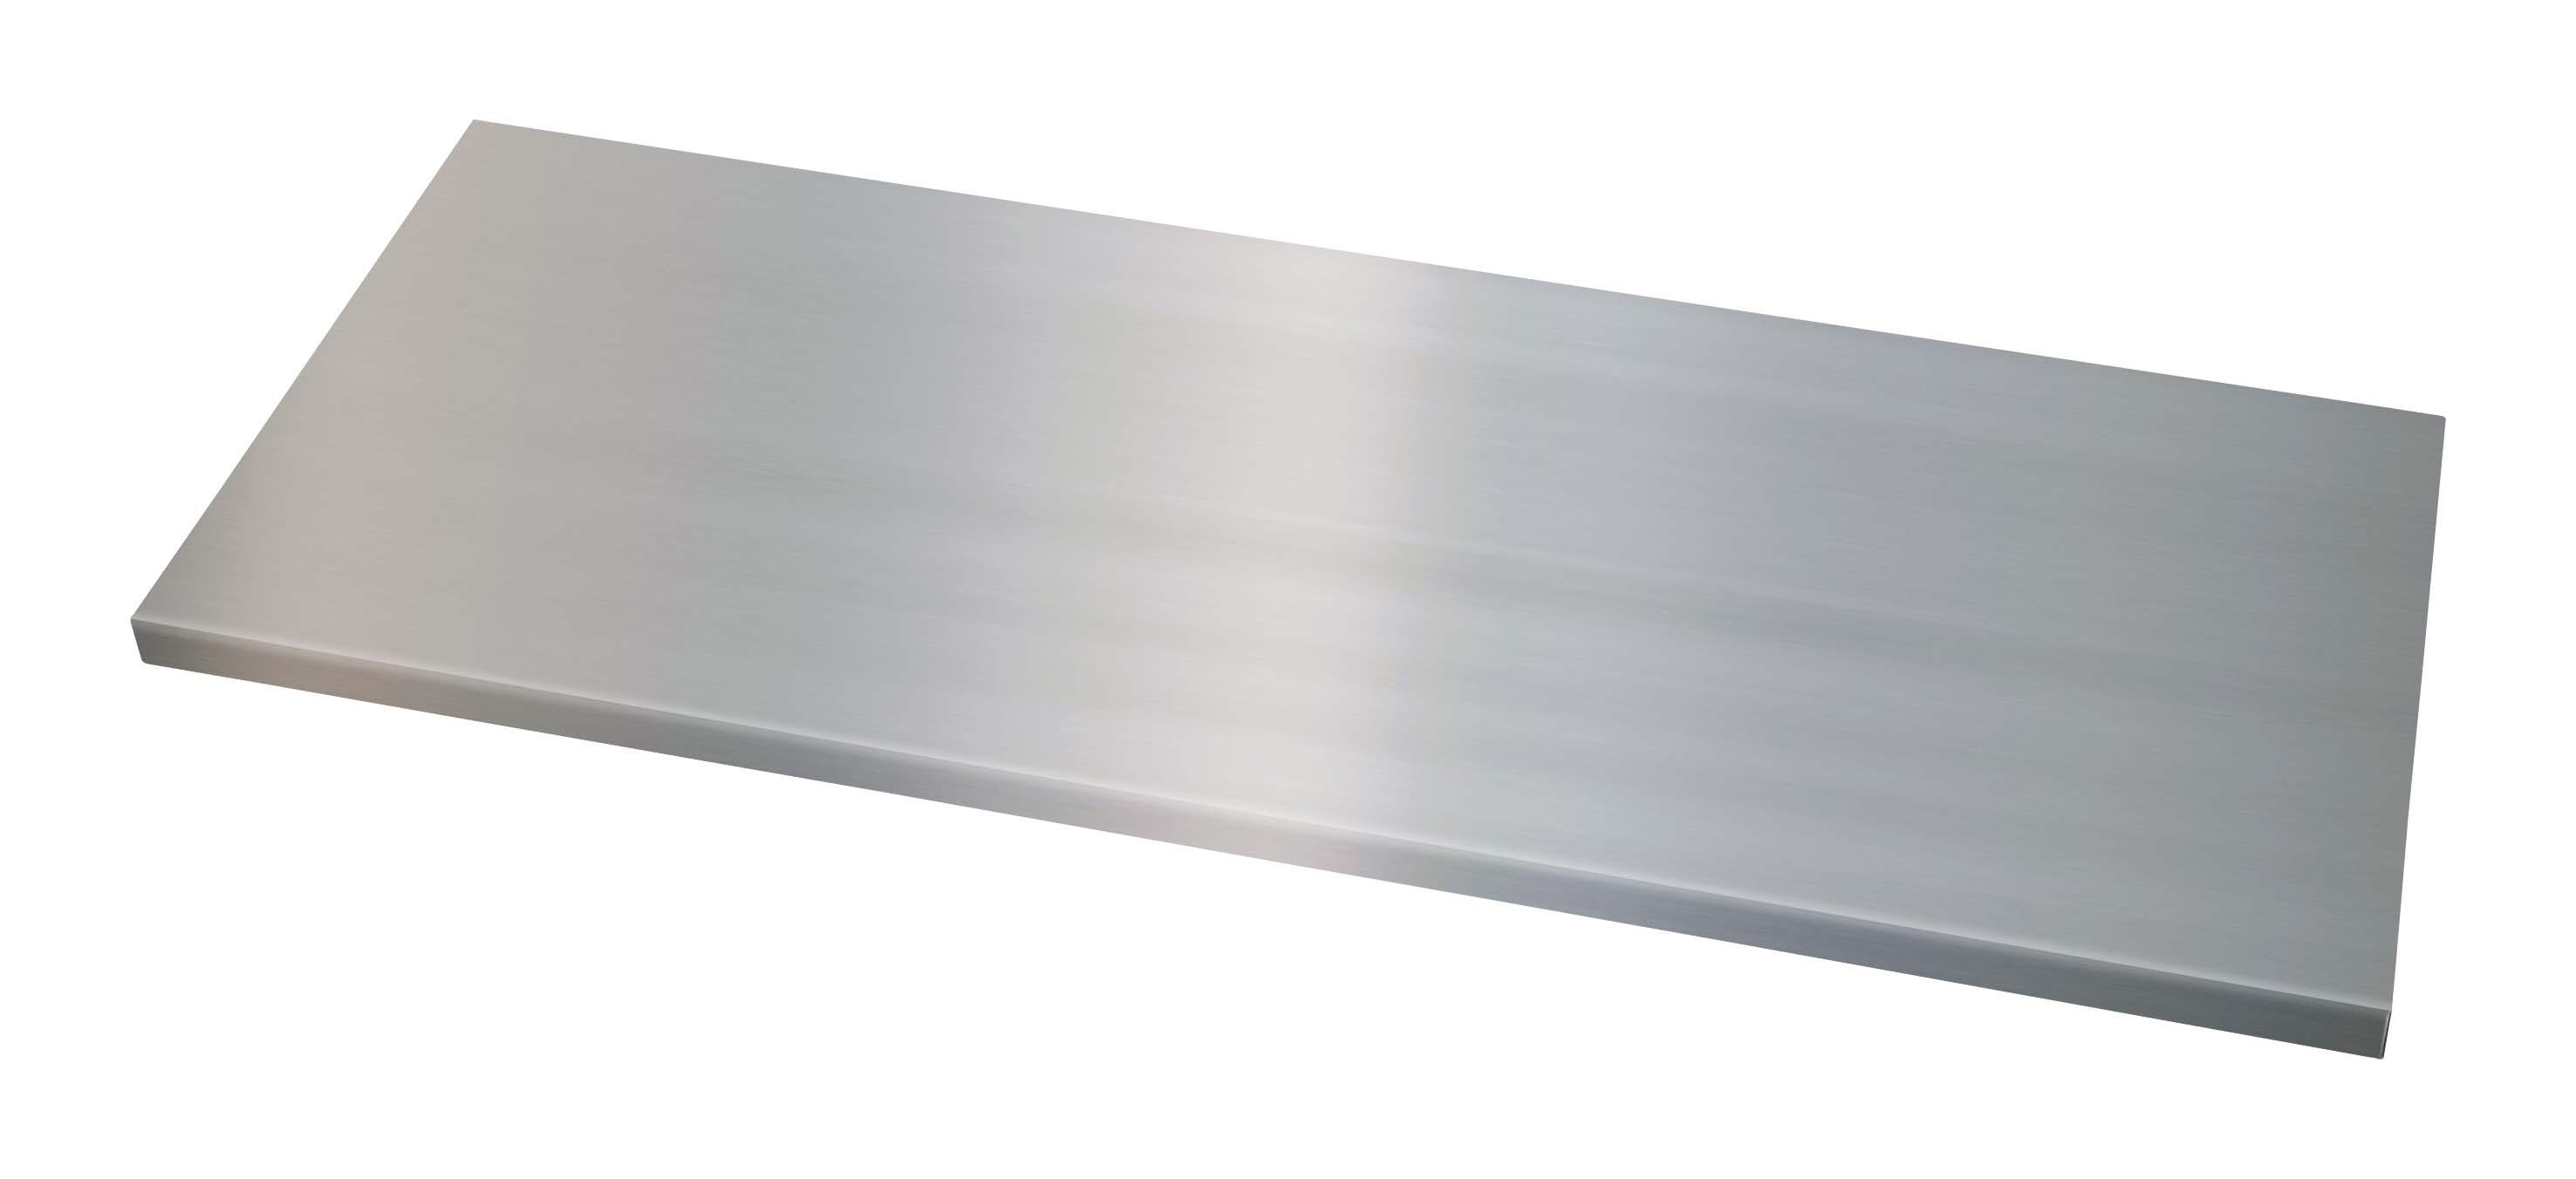 Fachboden mit Lateralhängevorrichtung für Flügeltürenschrank Universal, B 914 mm, T 500 mm, verzinkt